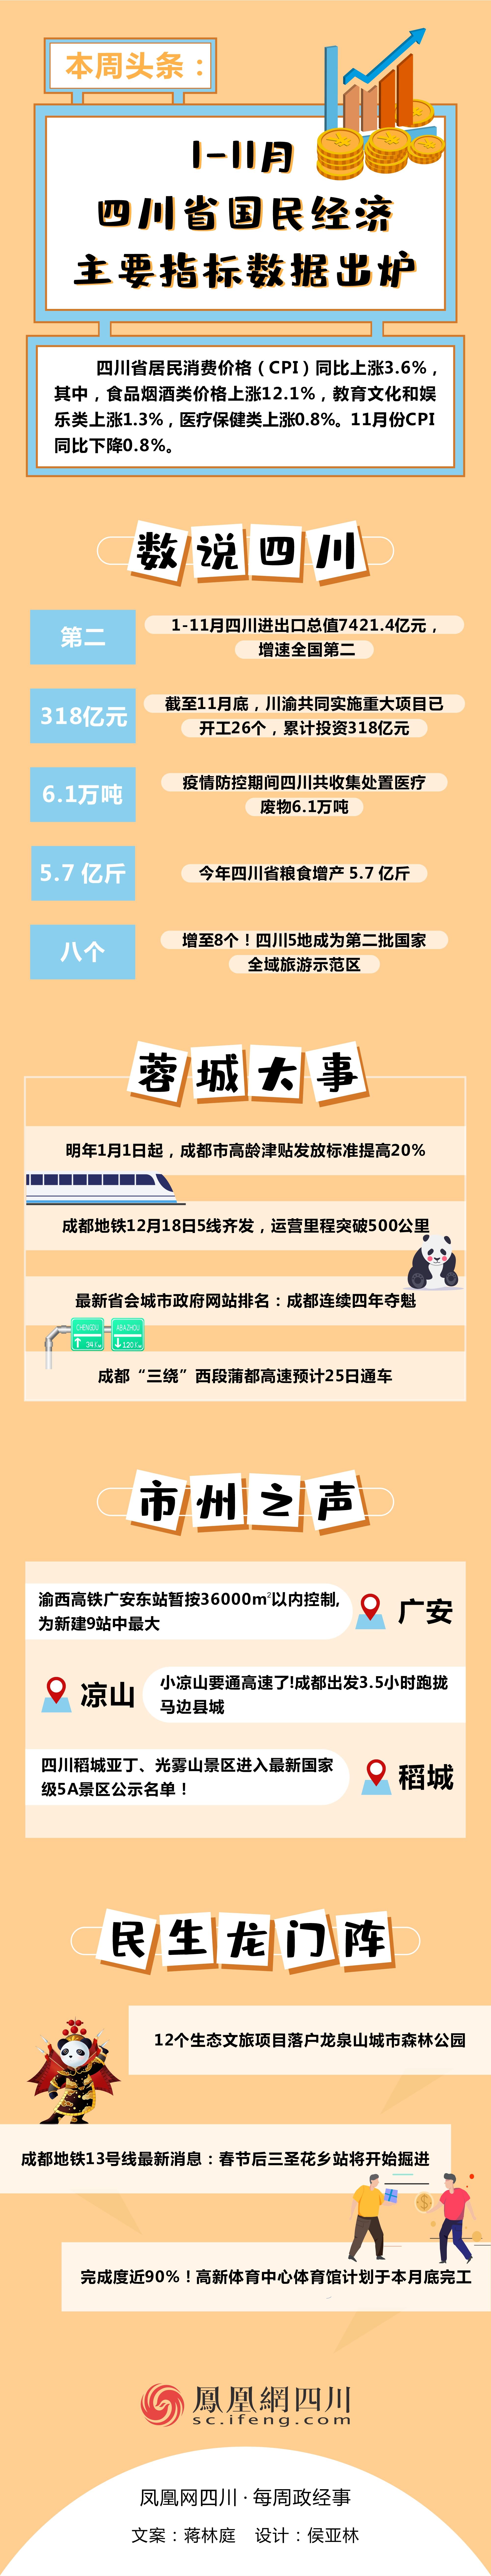 每周政經事|1—11月四川省國民經濟主要指標數據出爐